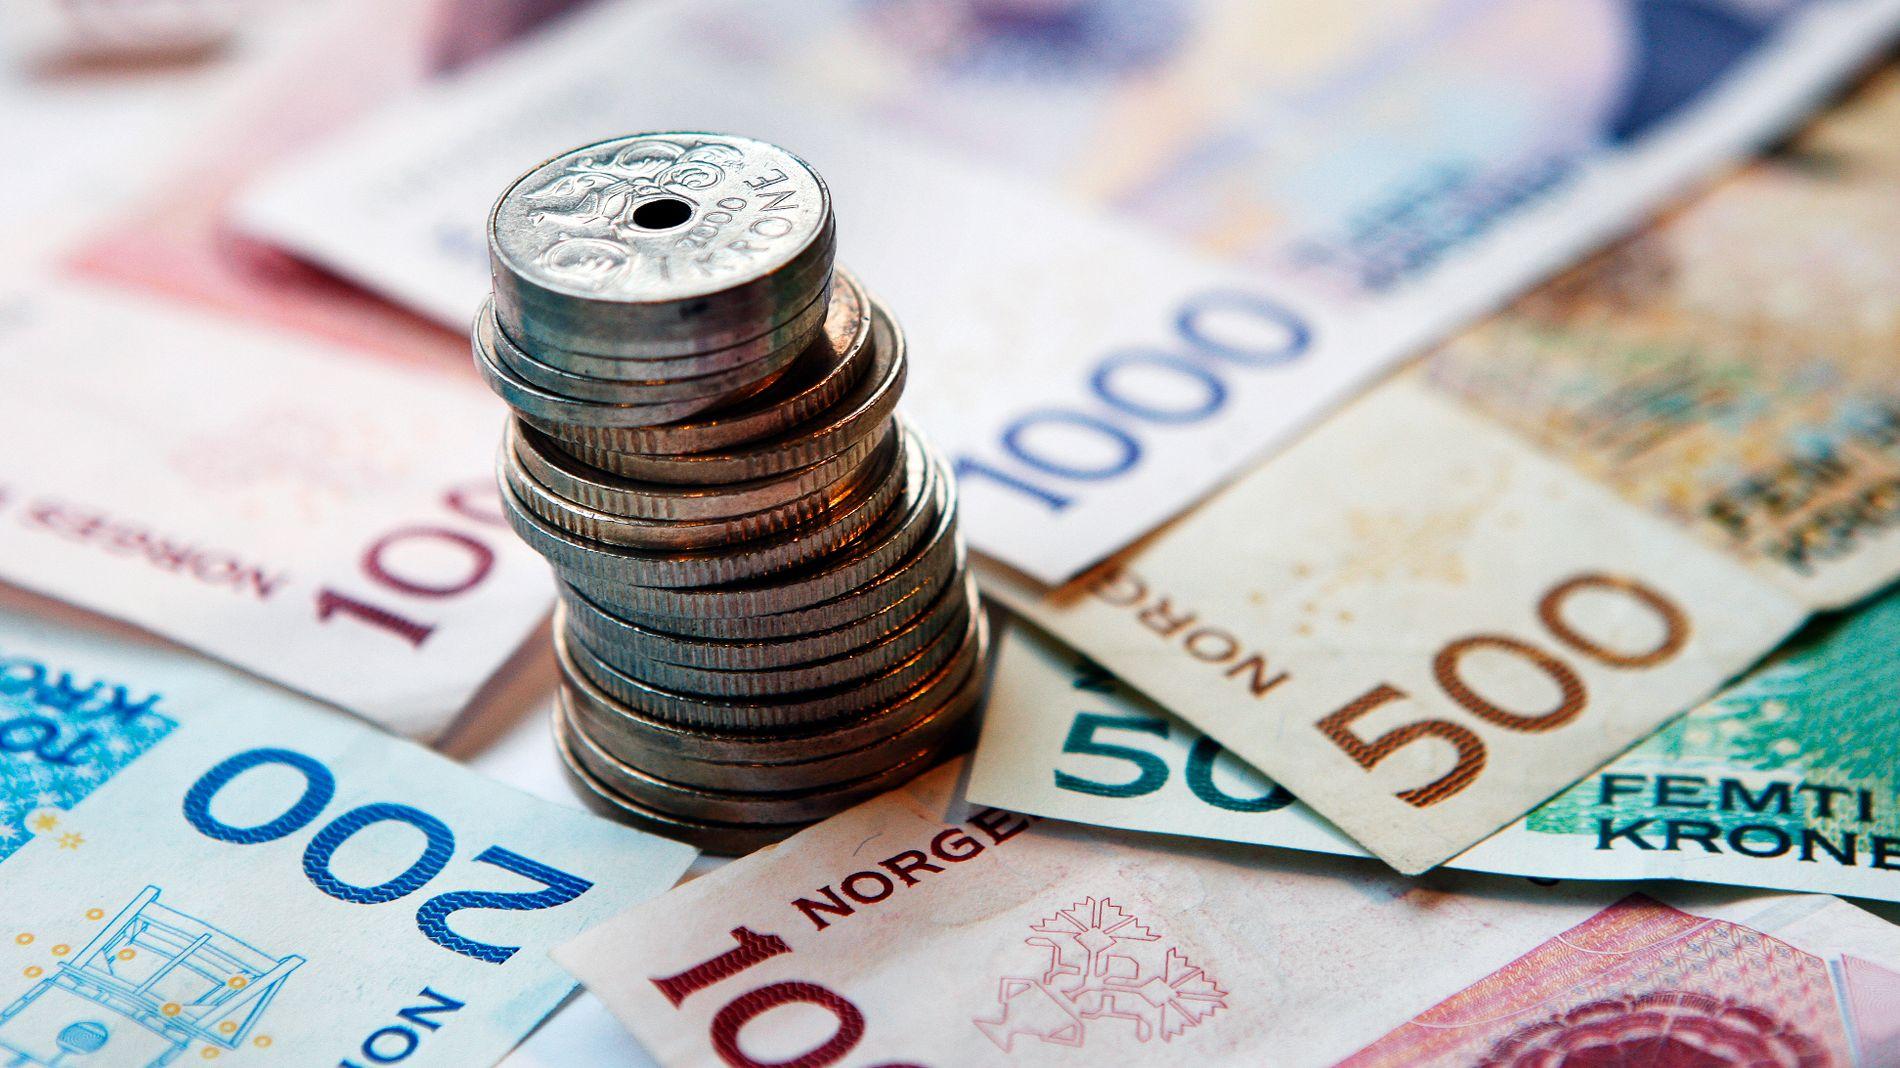 STOR FORSKJELL: Thorn Norge Finans reklamerer med 9,9 prosent rente, men den effektive renten kan bli over åtte ganger så høy.